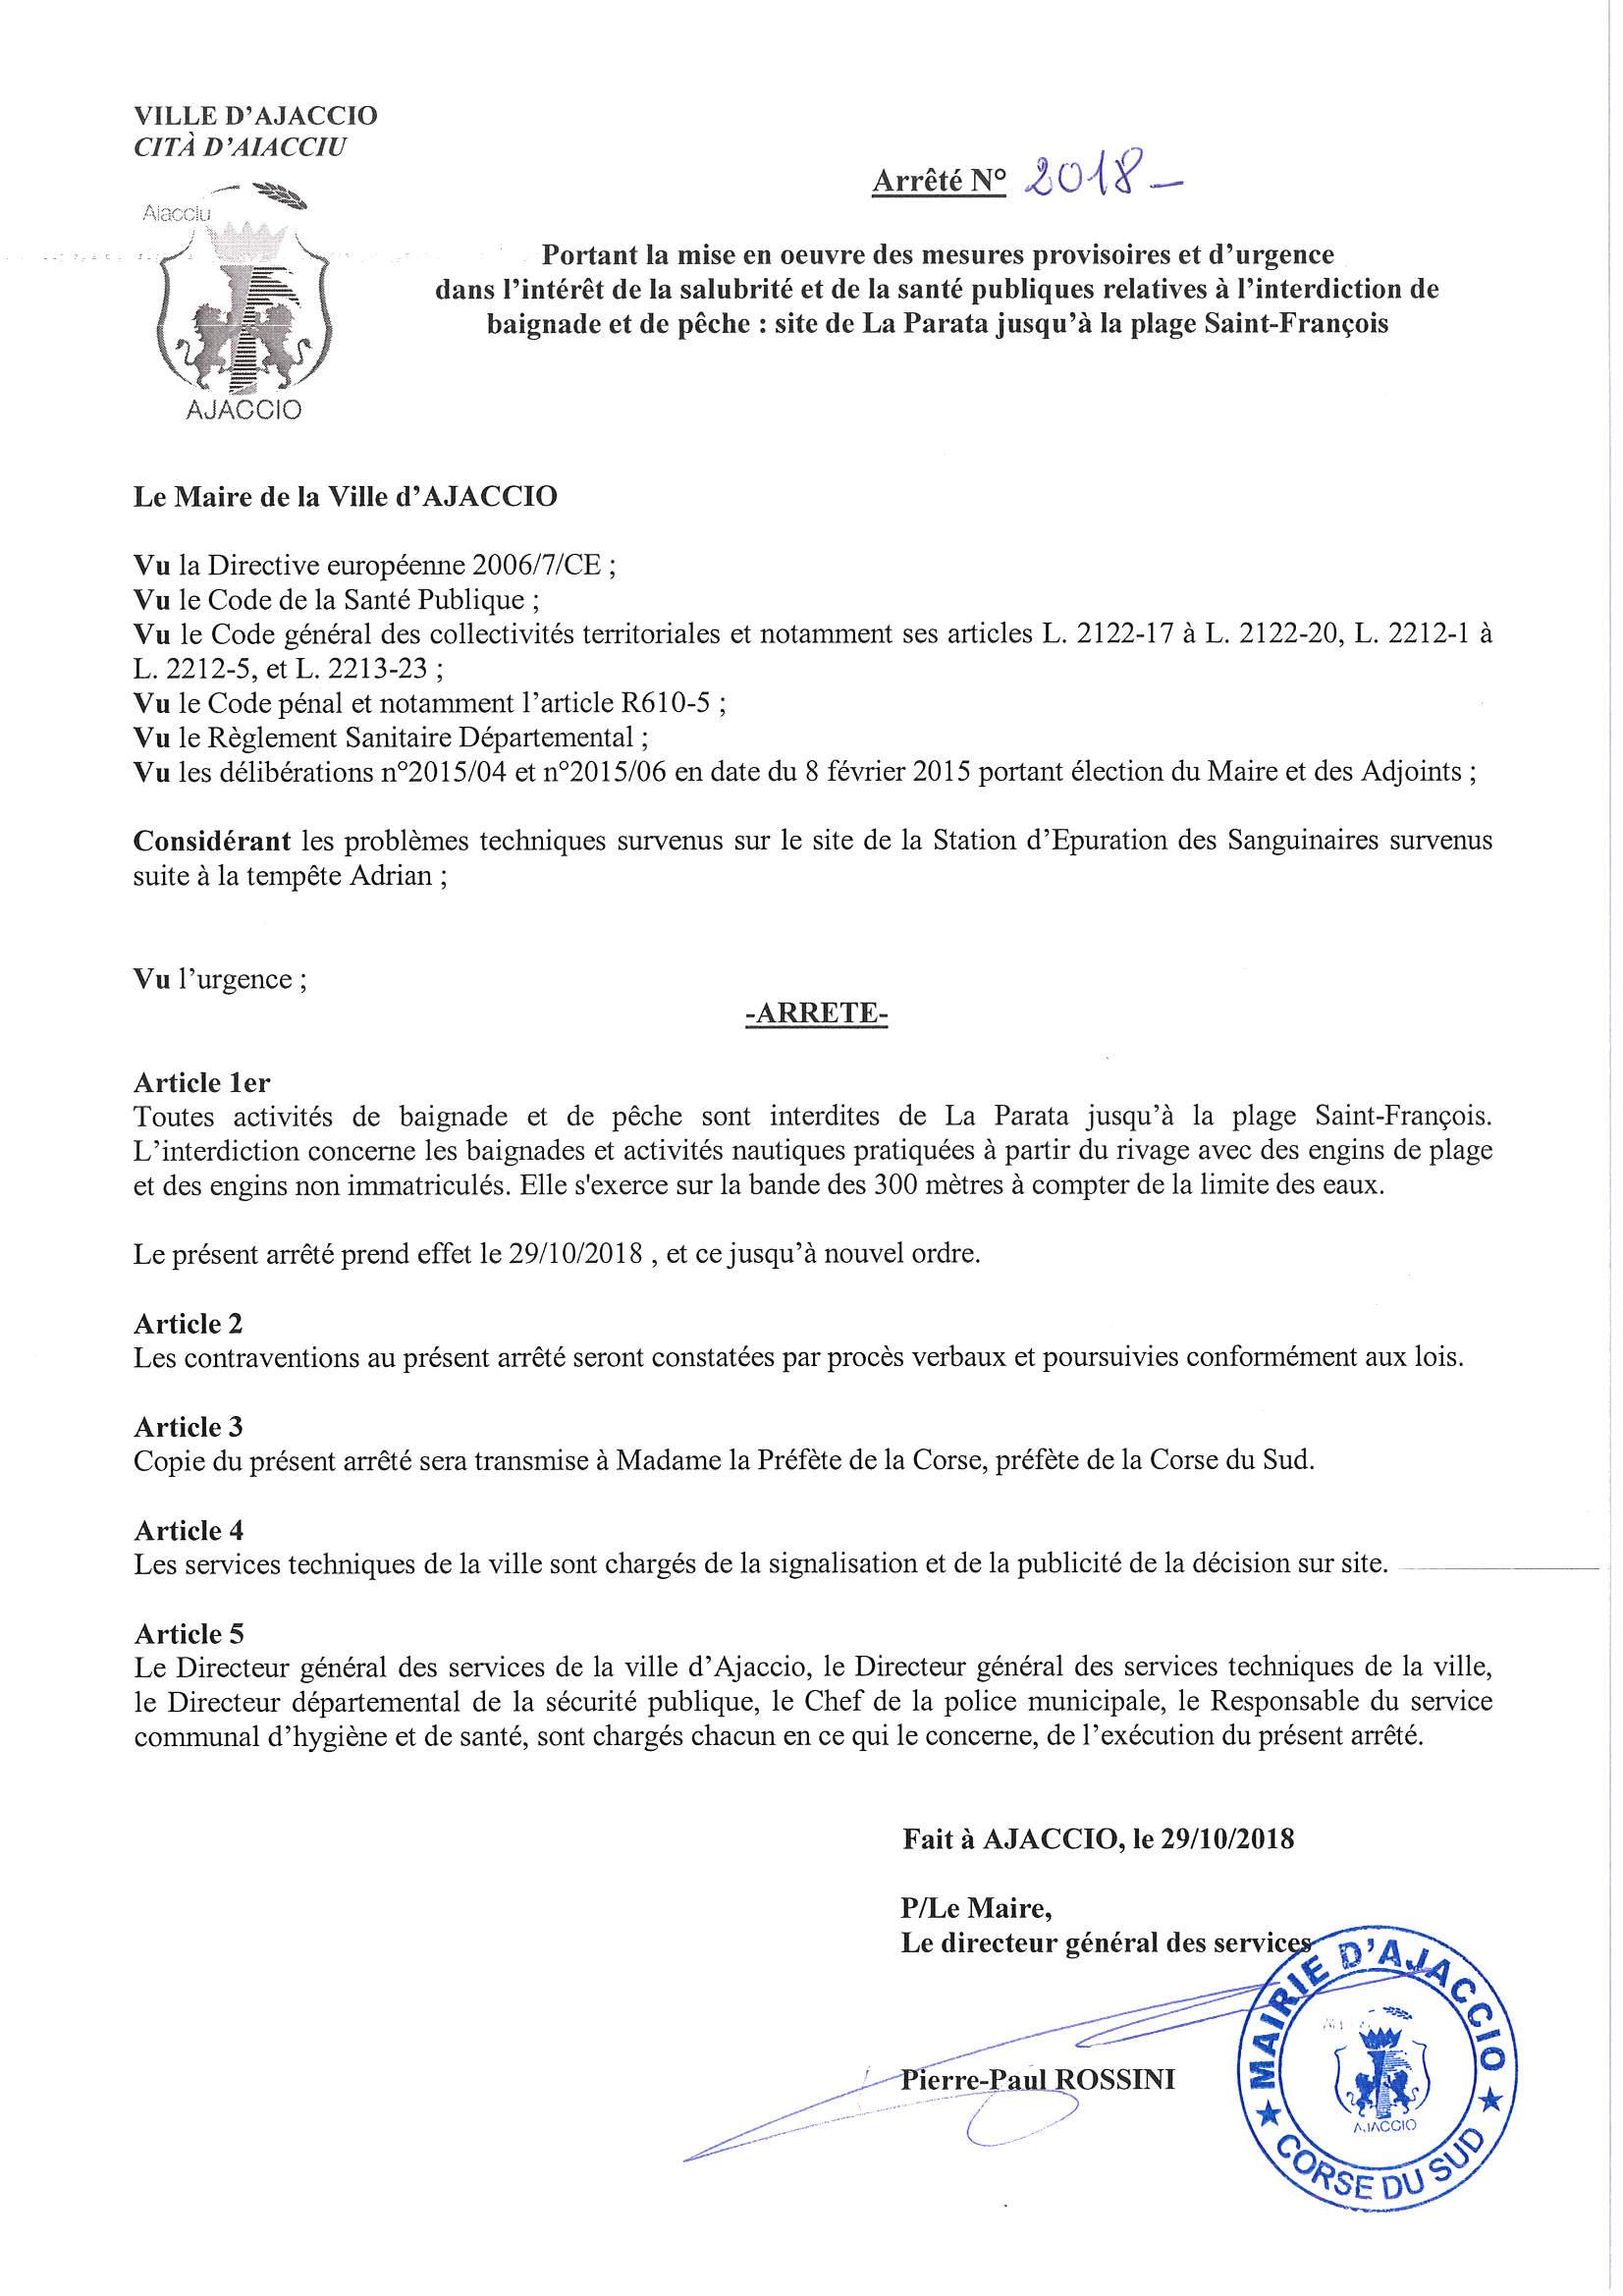 Interdiction de baignade et de pêche : site de la Parata jusqu'à la plage Saint François